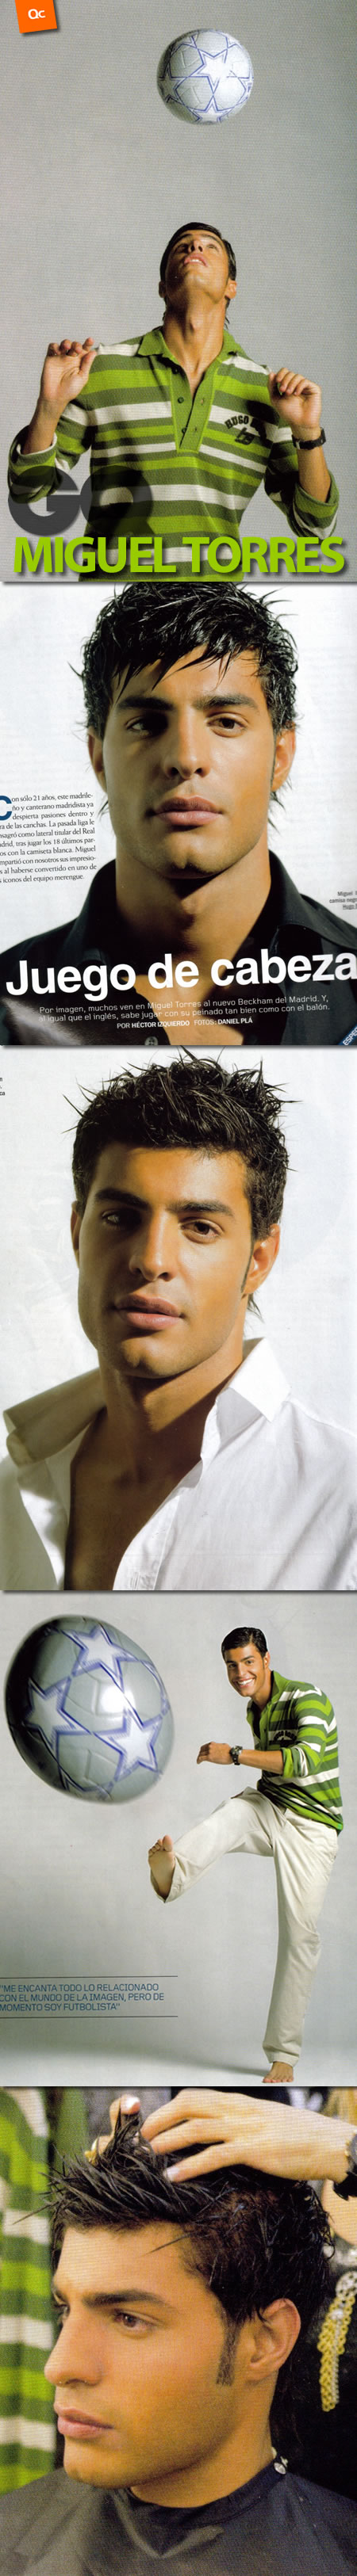 Miguel Torres para GQ